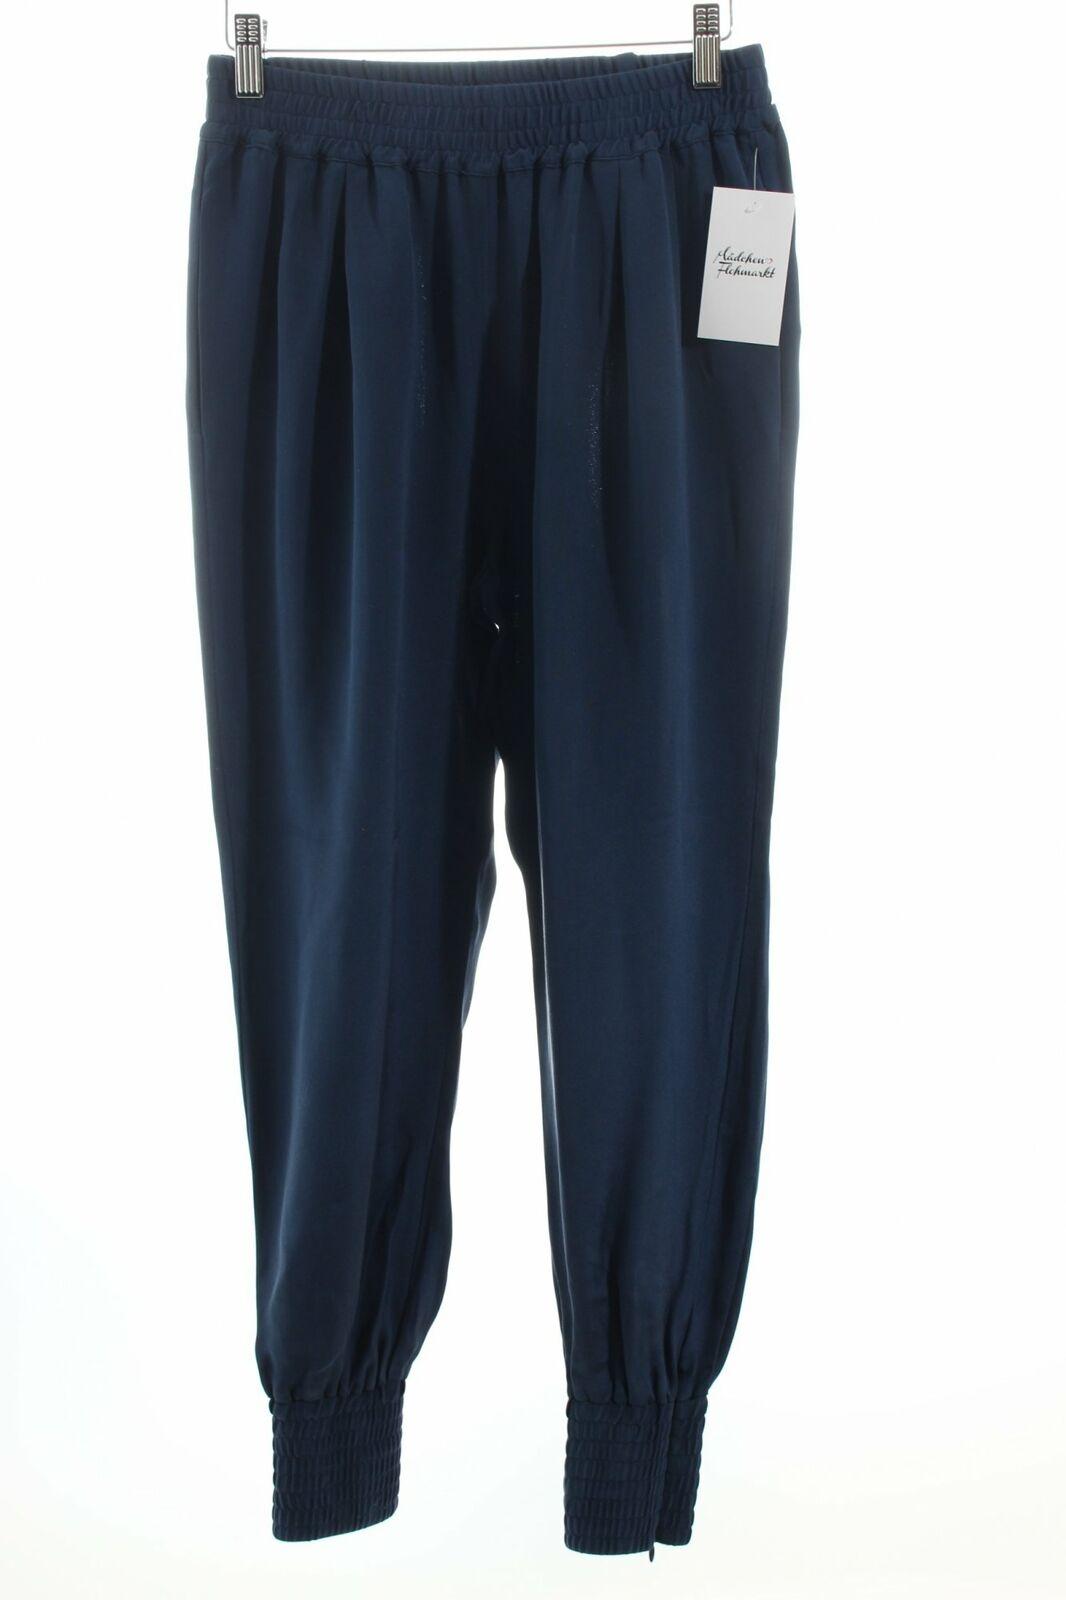 IHEART Pumphose dunkelblau Casual-Look Damen Gr. DE 36 Hose Trousers Seide